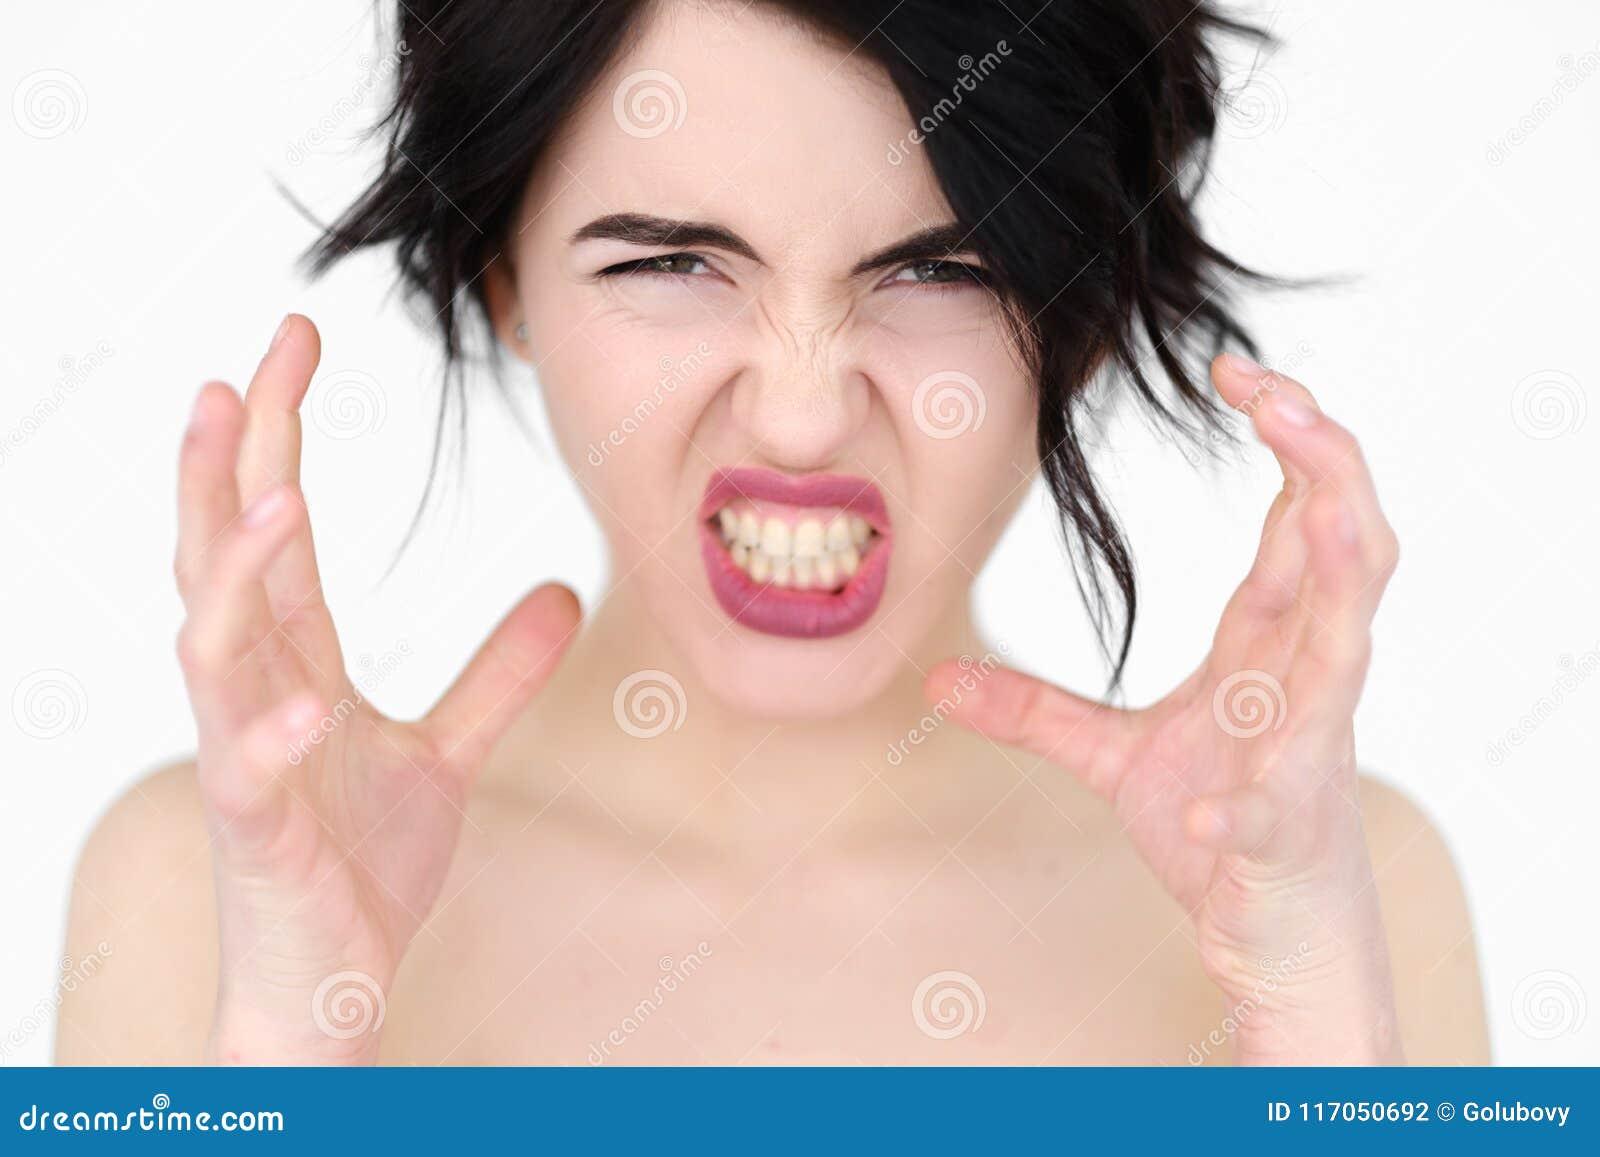 La furia de la rabia de la cara de la emoción estrangula a la mujer que descubre los dientes